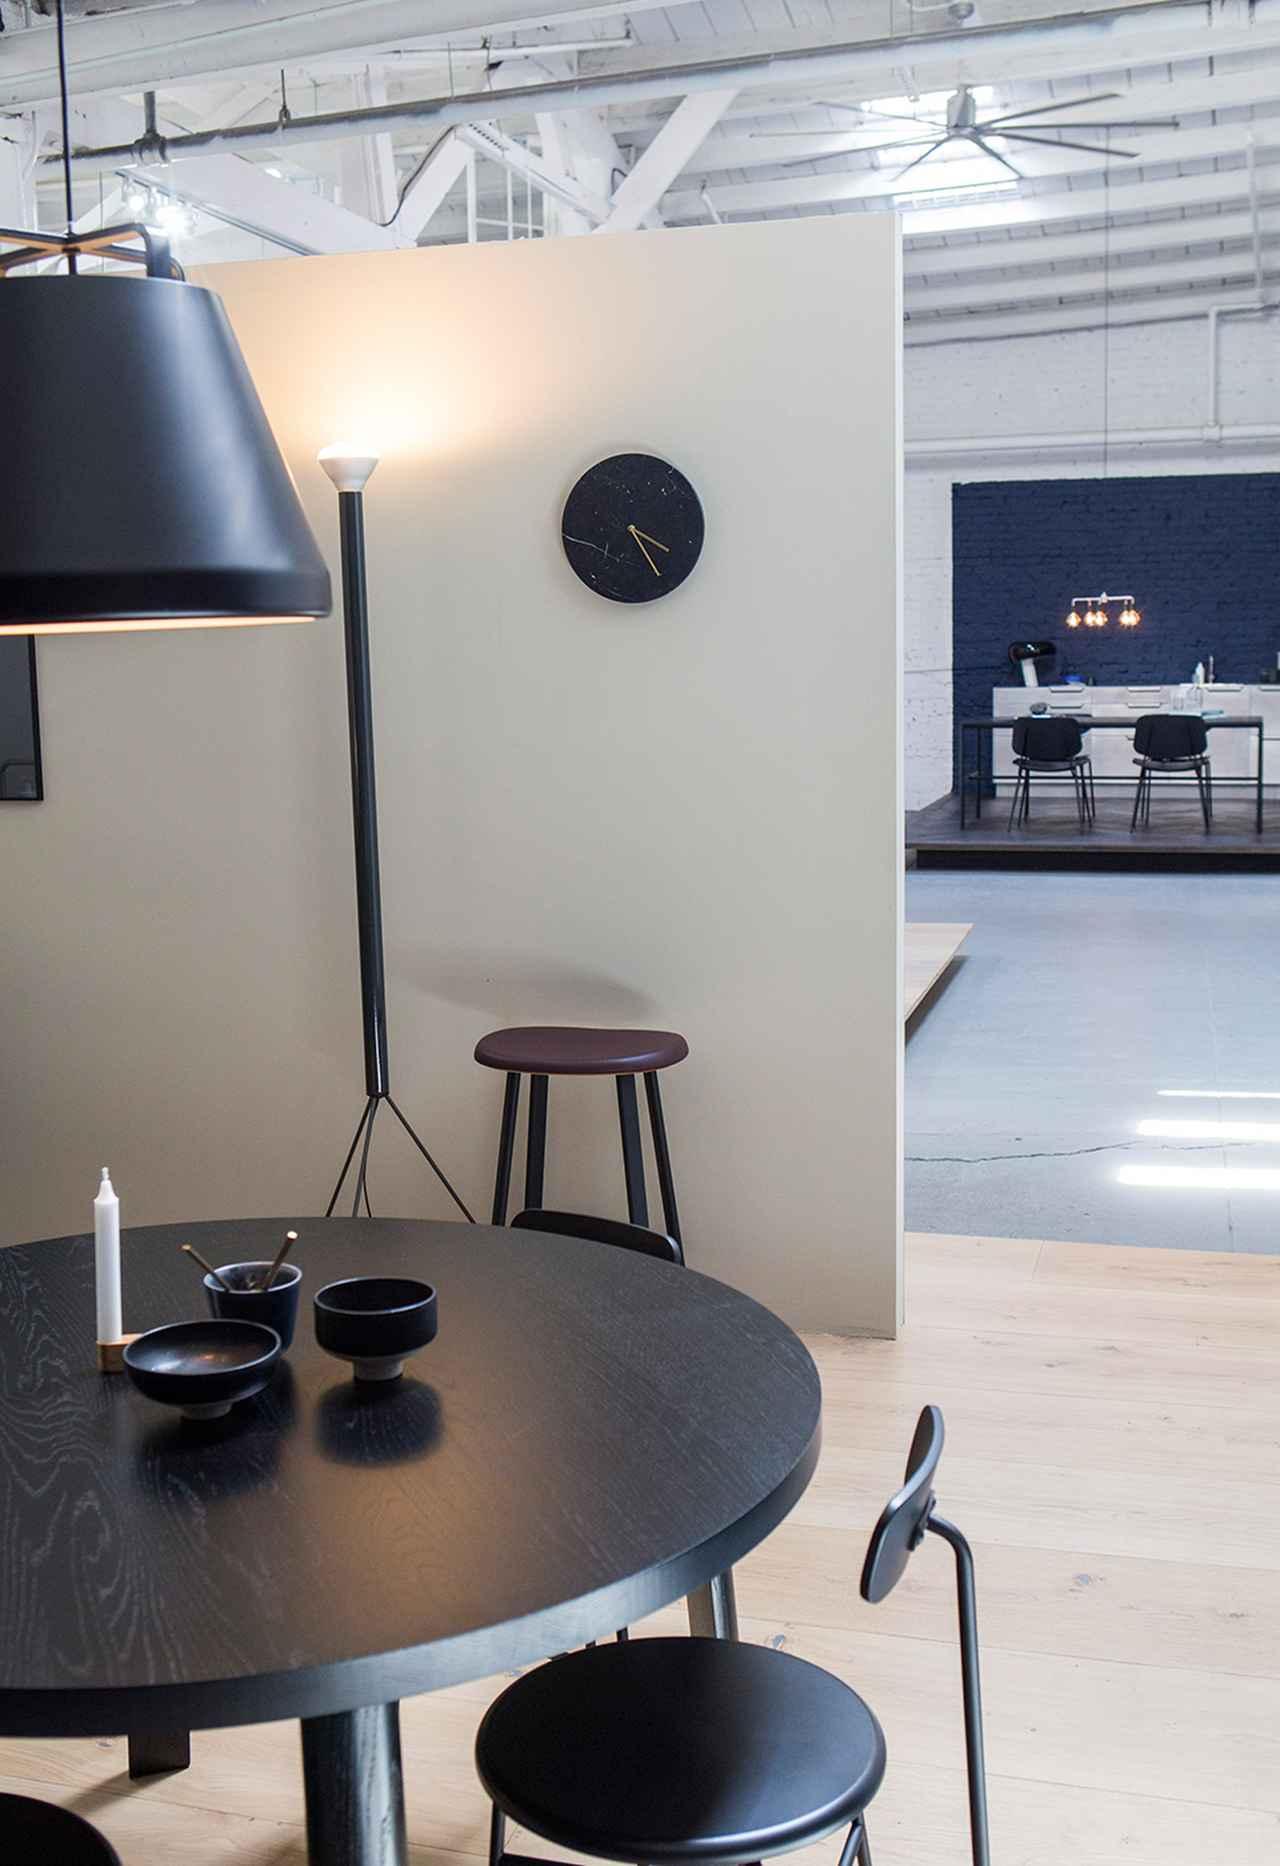 """Images : 3番目の画像 - 「IKEAの製品を """"デザイナー品質""""に。 インテリア業界を変えた男たち」のアルバム - T JAPAN:The New York Times Style Magazine 公式サイト"""